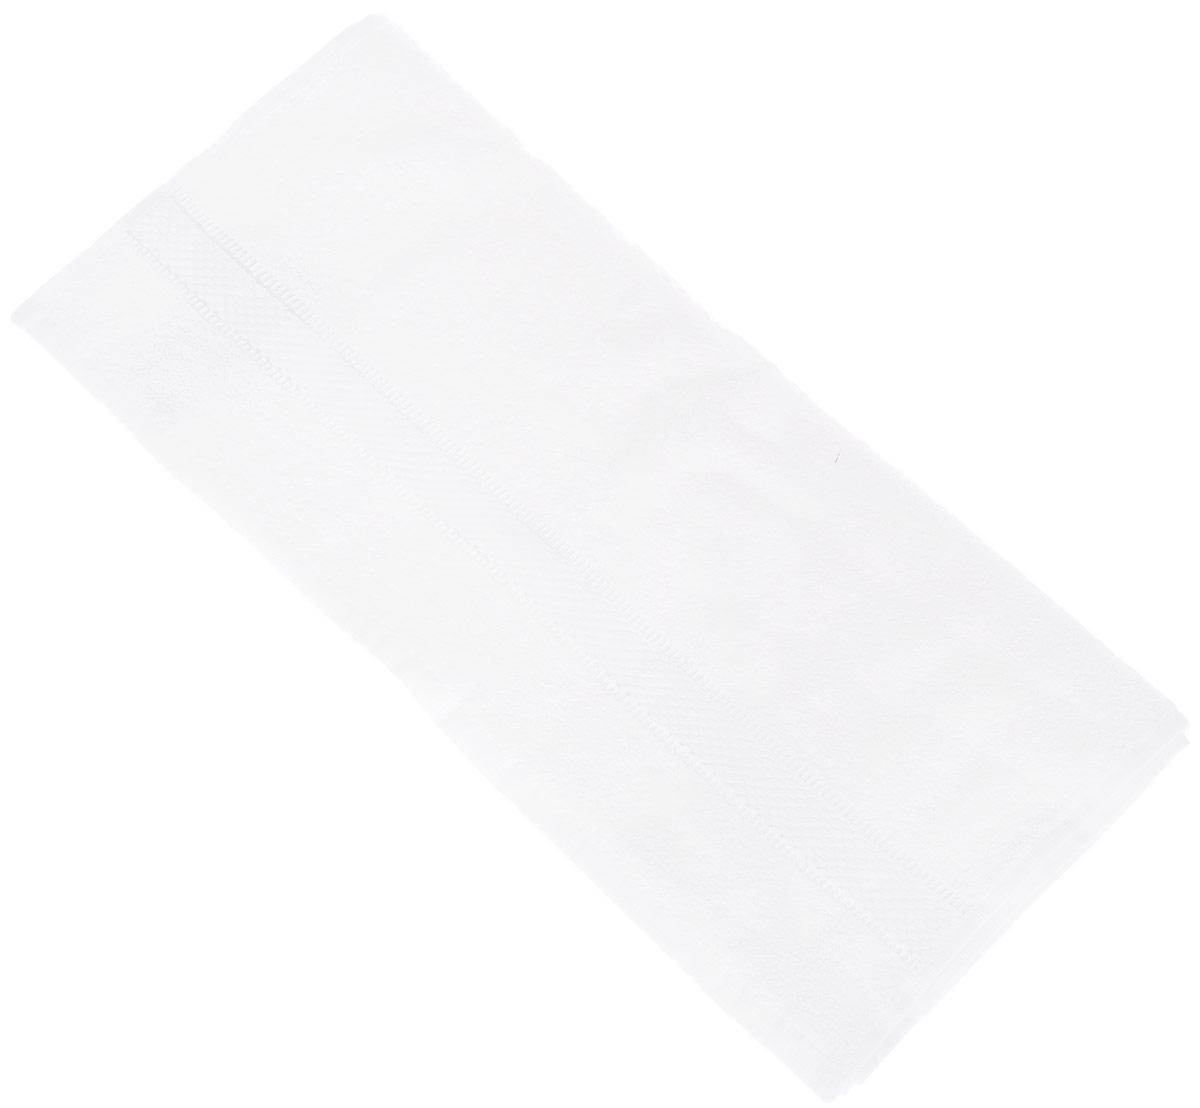 Полотенце Brielle Basic, цвет: белый, 50 х 85 смES-412Полотенце Brielle Basic выполнено из 100% хлопка. Изделие очень мягкое, оно отлично впитывает влагу, быстро сохнет, сохраняет яркость цвета и не теряет формы даже после многократных стирок. Лаконичные бордюры подойдут для любого интерьера ванной комнаты. Полотенце прекрасно впитывает влагу и быстро сохнет. При соблюдении рекомендаций по уходу не линяет и не теряет форму даже после многократных стирок.Полотенце Brielle Basic очень практично и неприхотливо в уходе.Такое полотенце послужит приятным подарком.